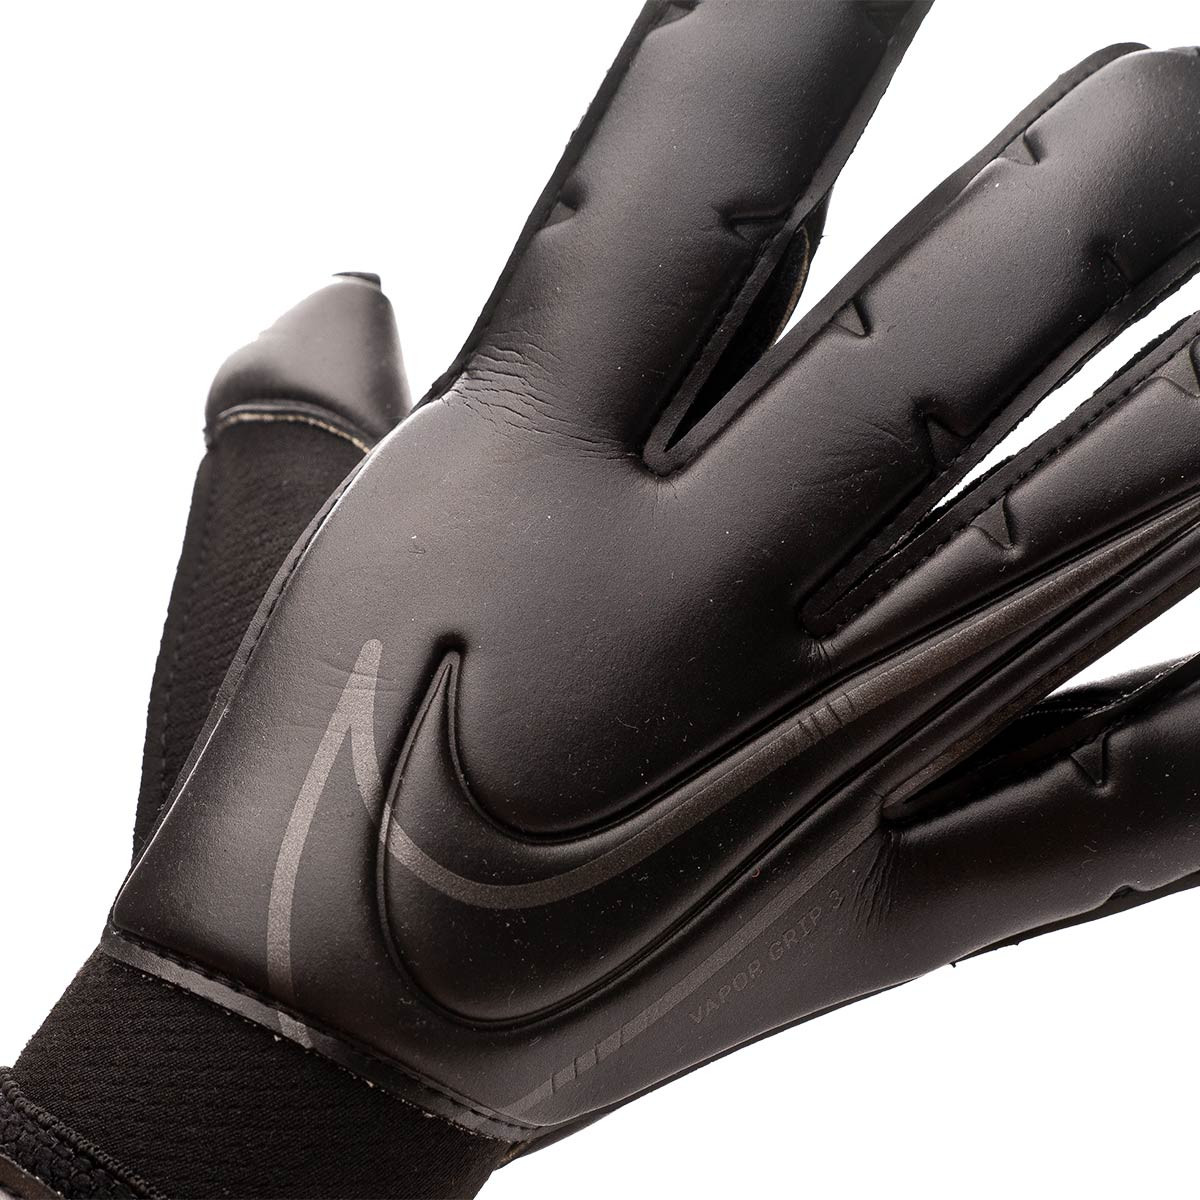 Nacarado regimiento observación  Guante de portero Nike Mercurial Vapor Grip 3 Black - Tienda de fútbol  Fútbol Emotion